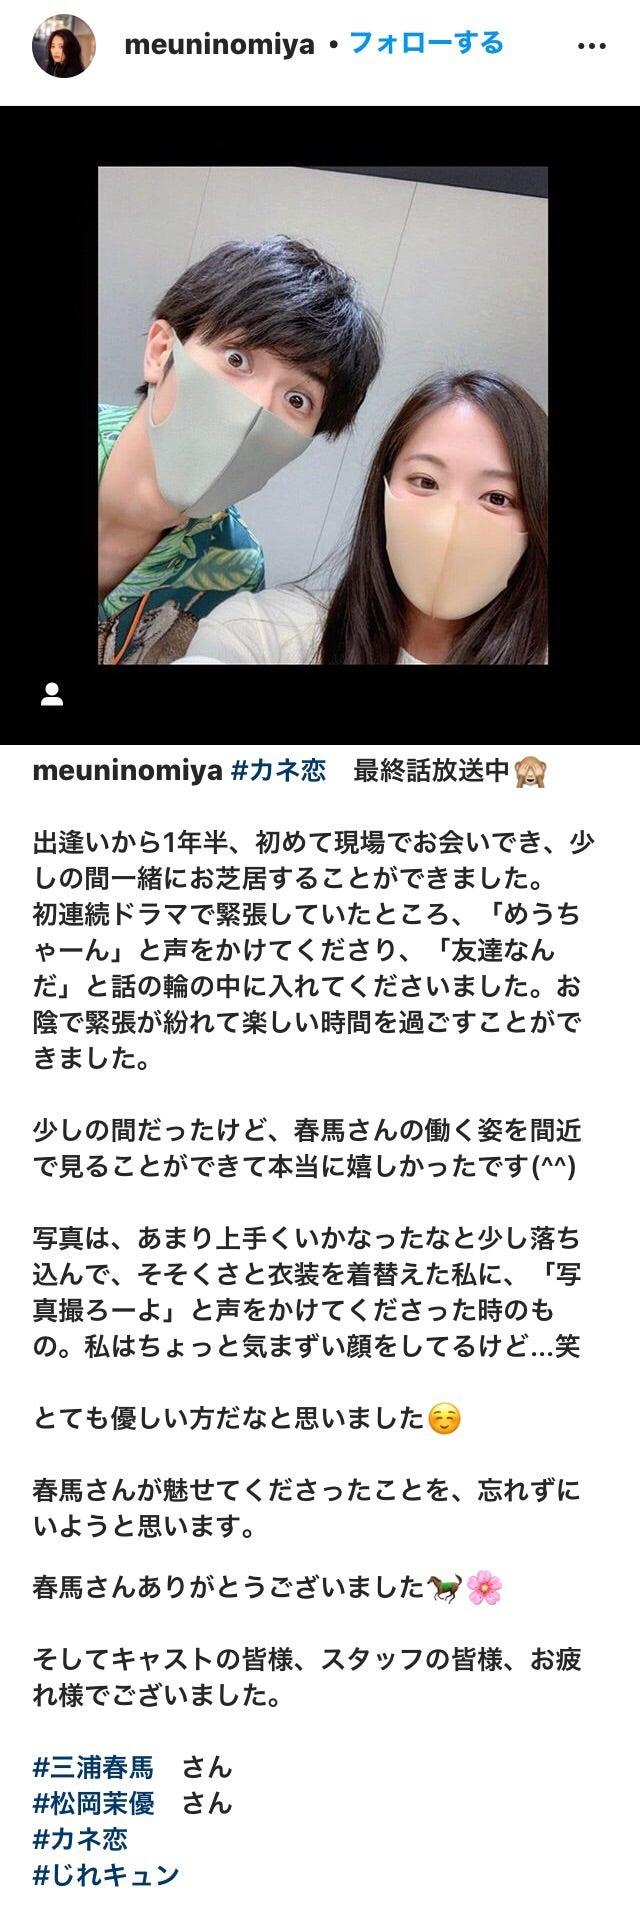 恋 脚本 家 カネ